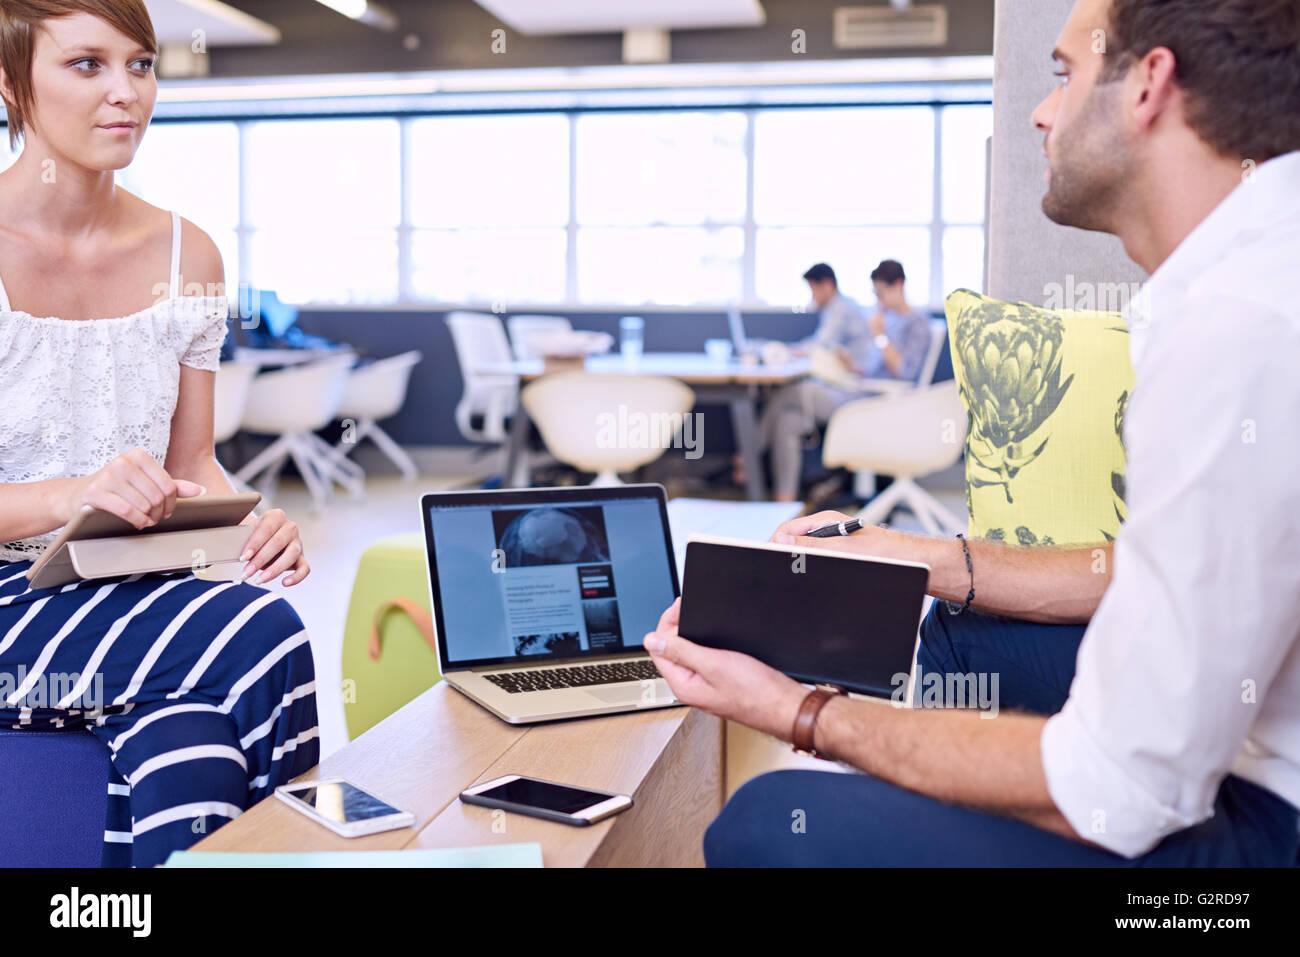 Mujer sosteniendo tablet mientras presta atención al socio de negocios masculino Imagen De Stock